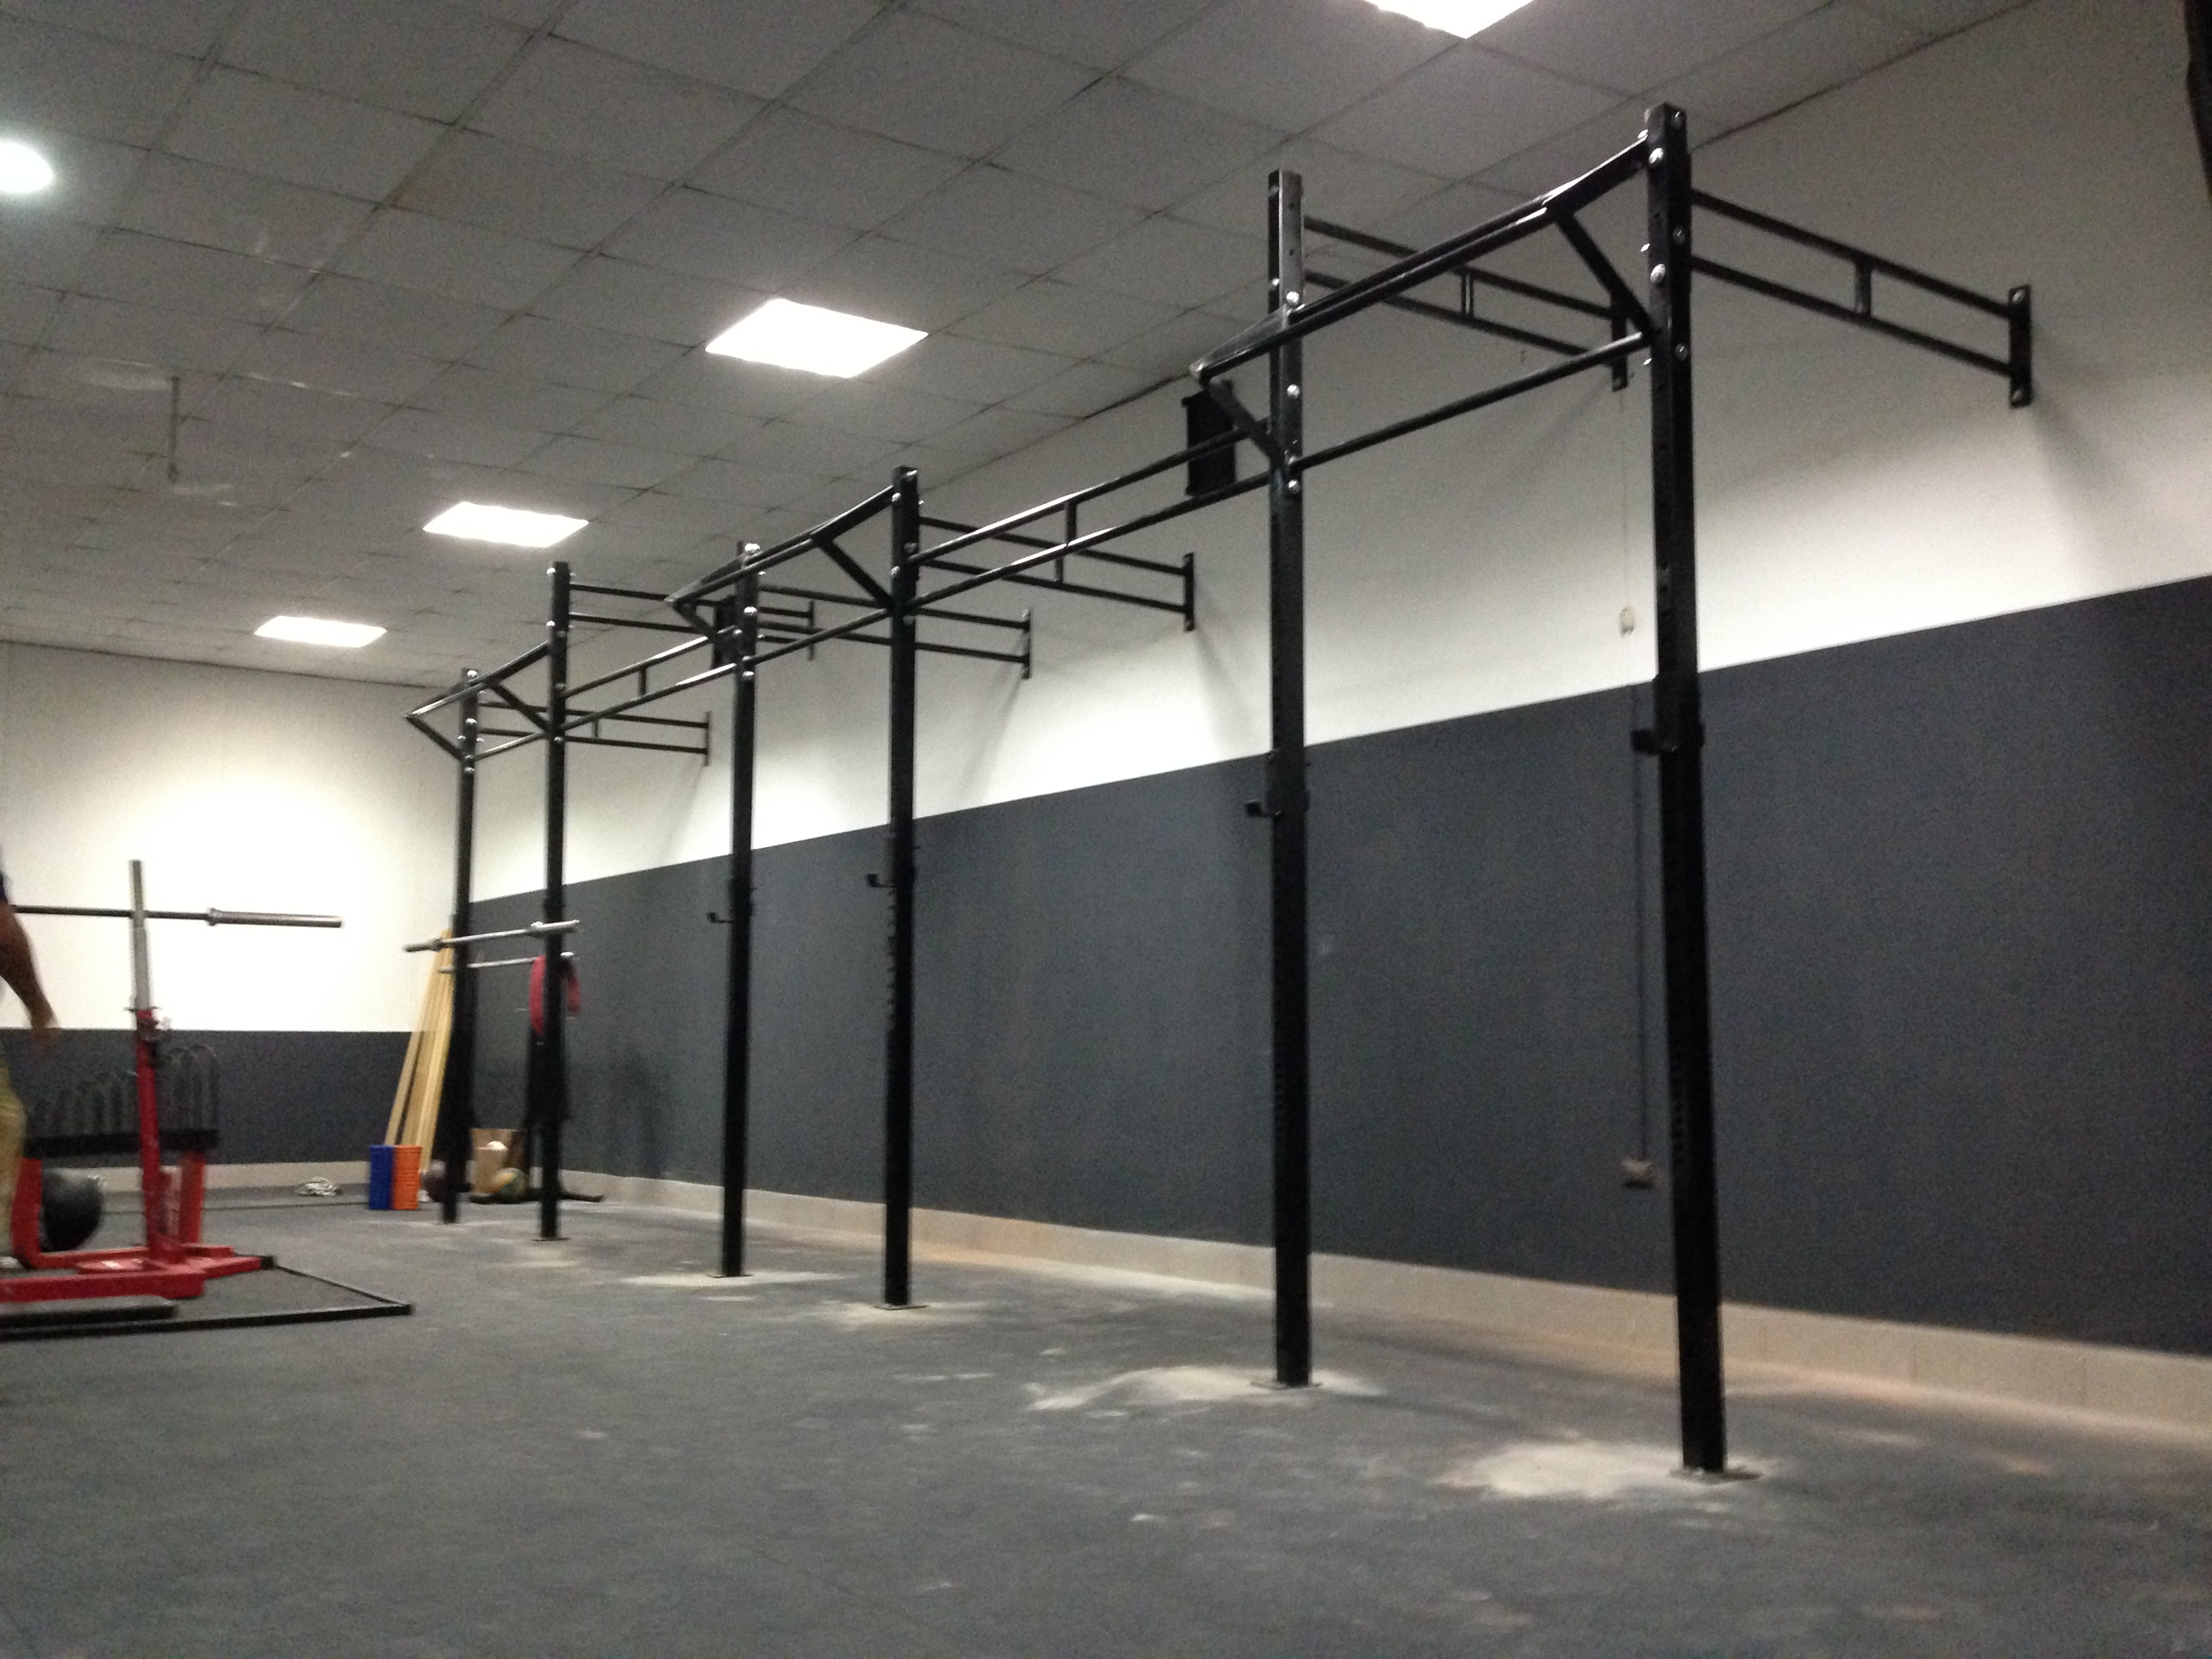 Gimnasio funcional sus beneficios en el entrenamiento moderno for Que es un gimnasio